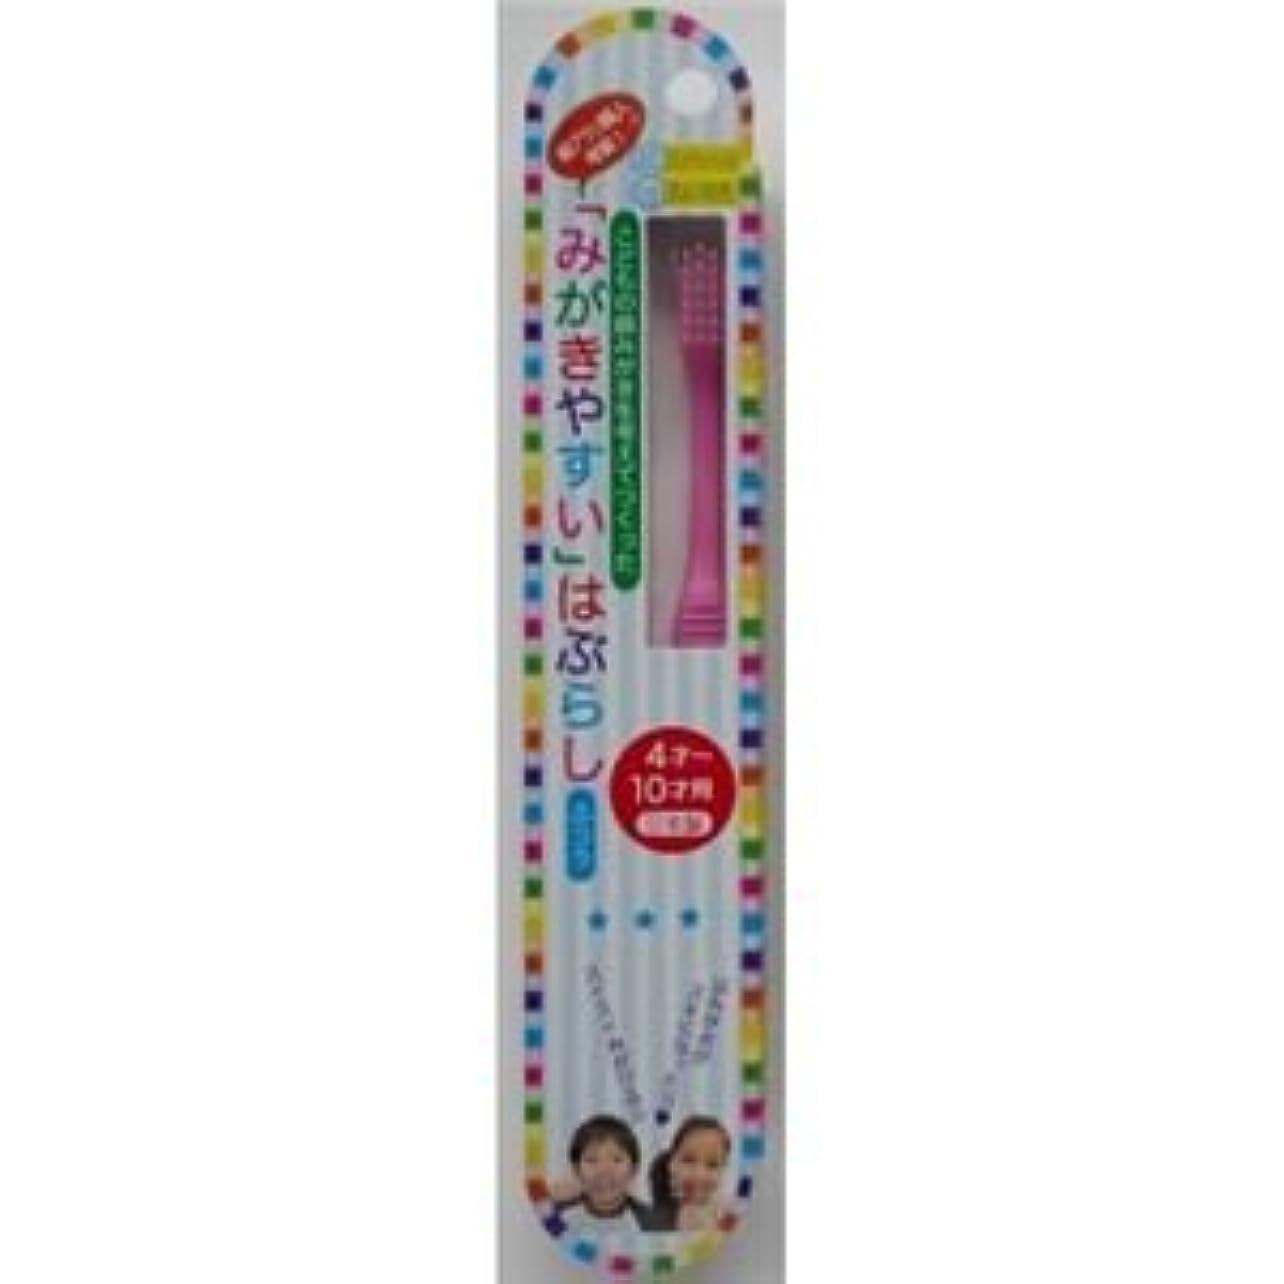 ジャケット冗談でチューインガム(まとめ)ライフレンジ 磨きやすい歯ブラシ LT-10 「磨きやすい」歯ブラシ こども用 【×12点セット】